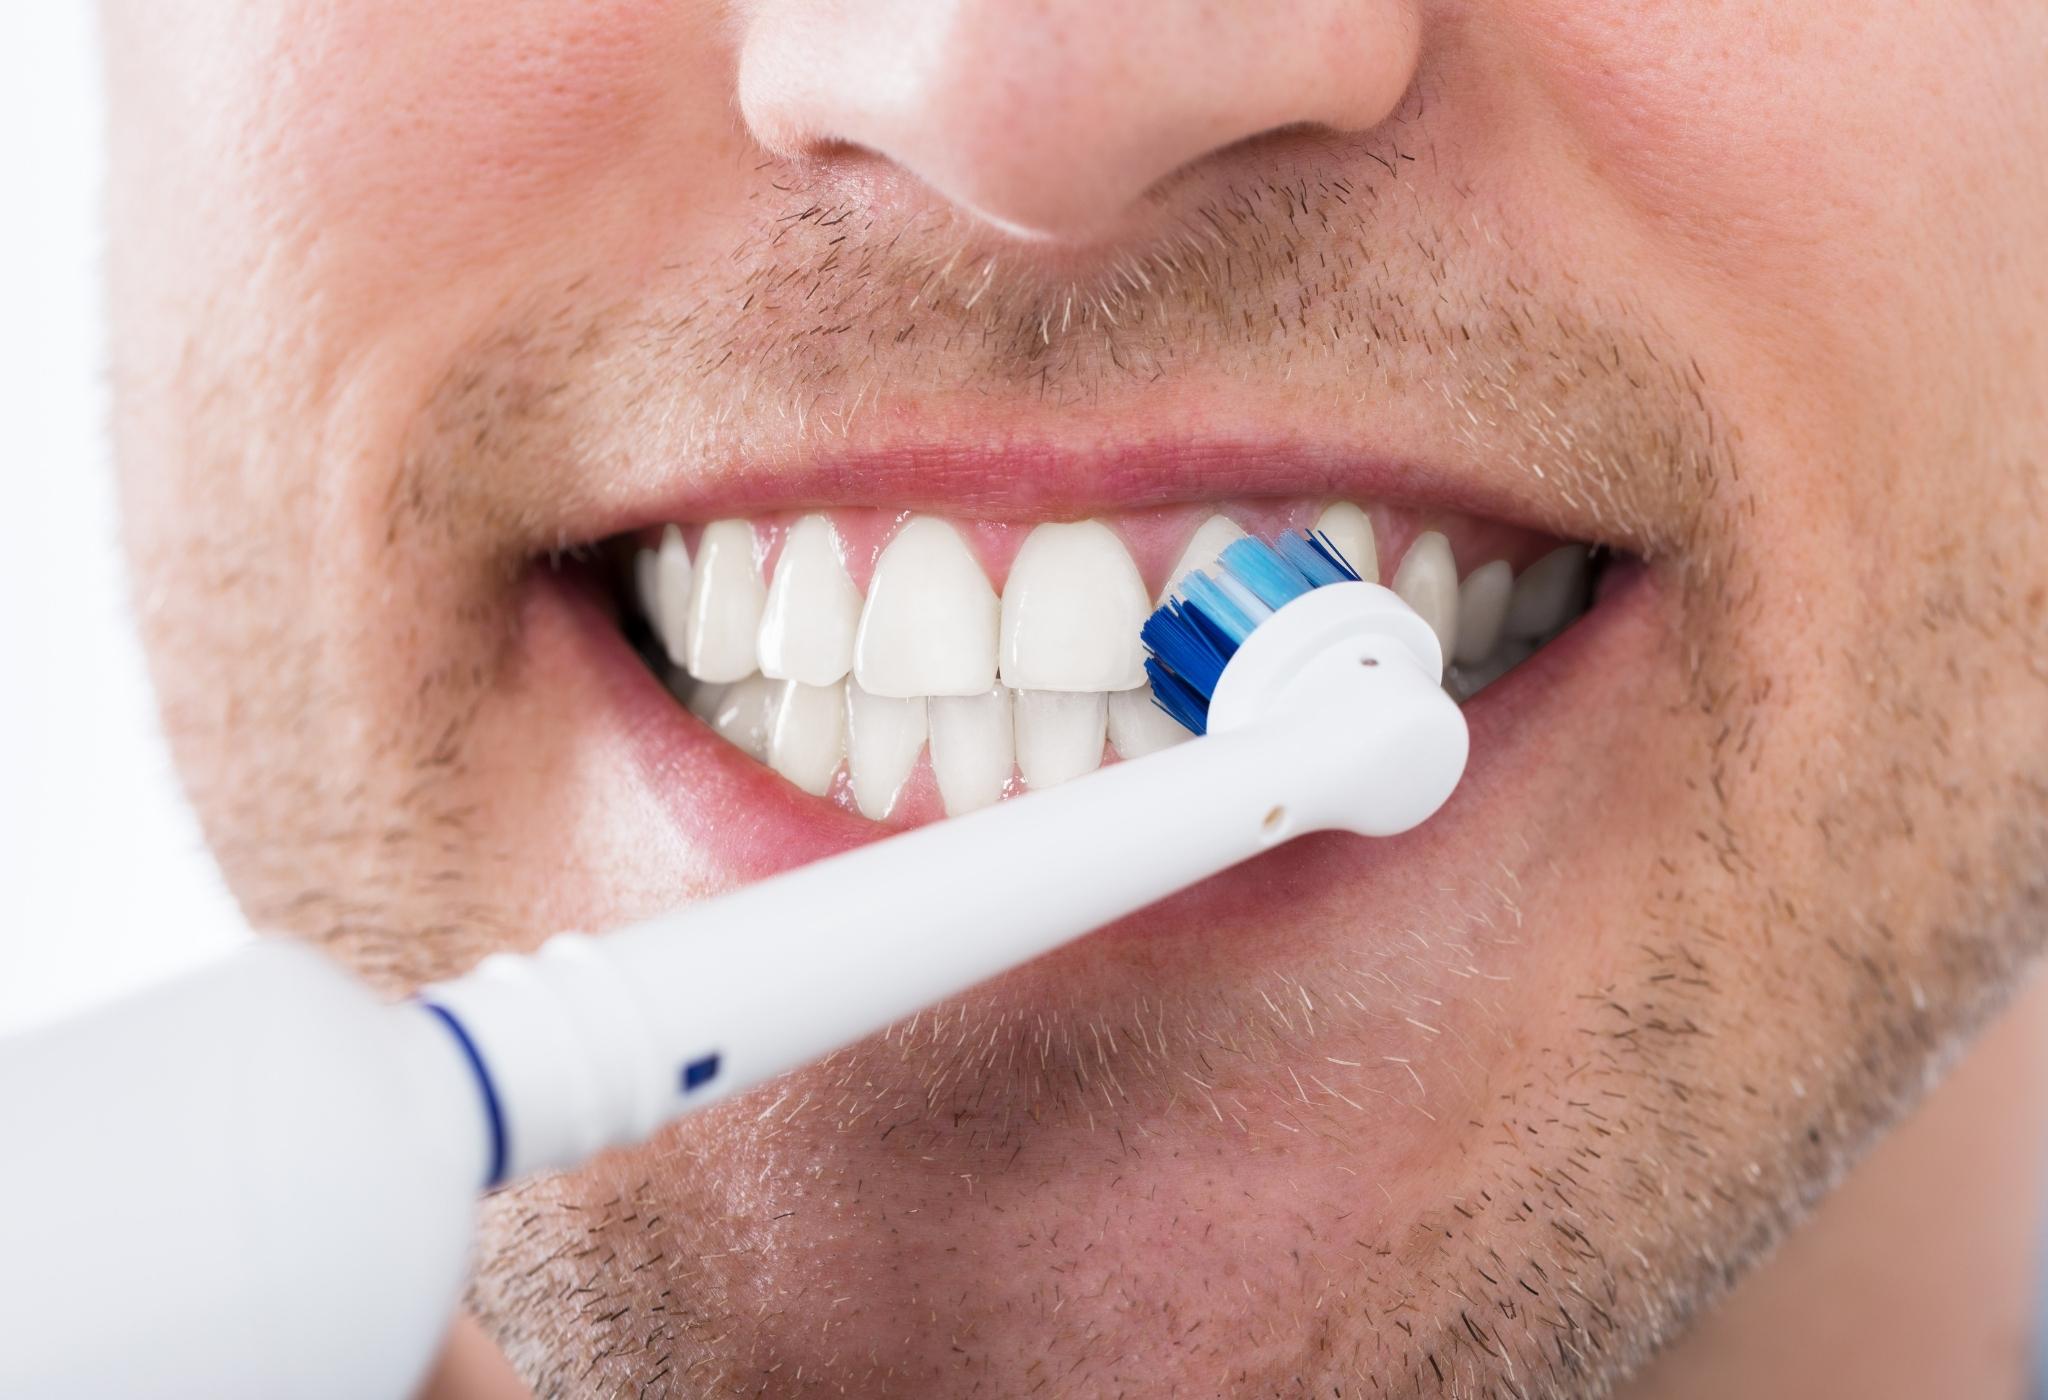 homem escovando os dentes com escova elétrica